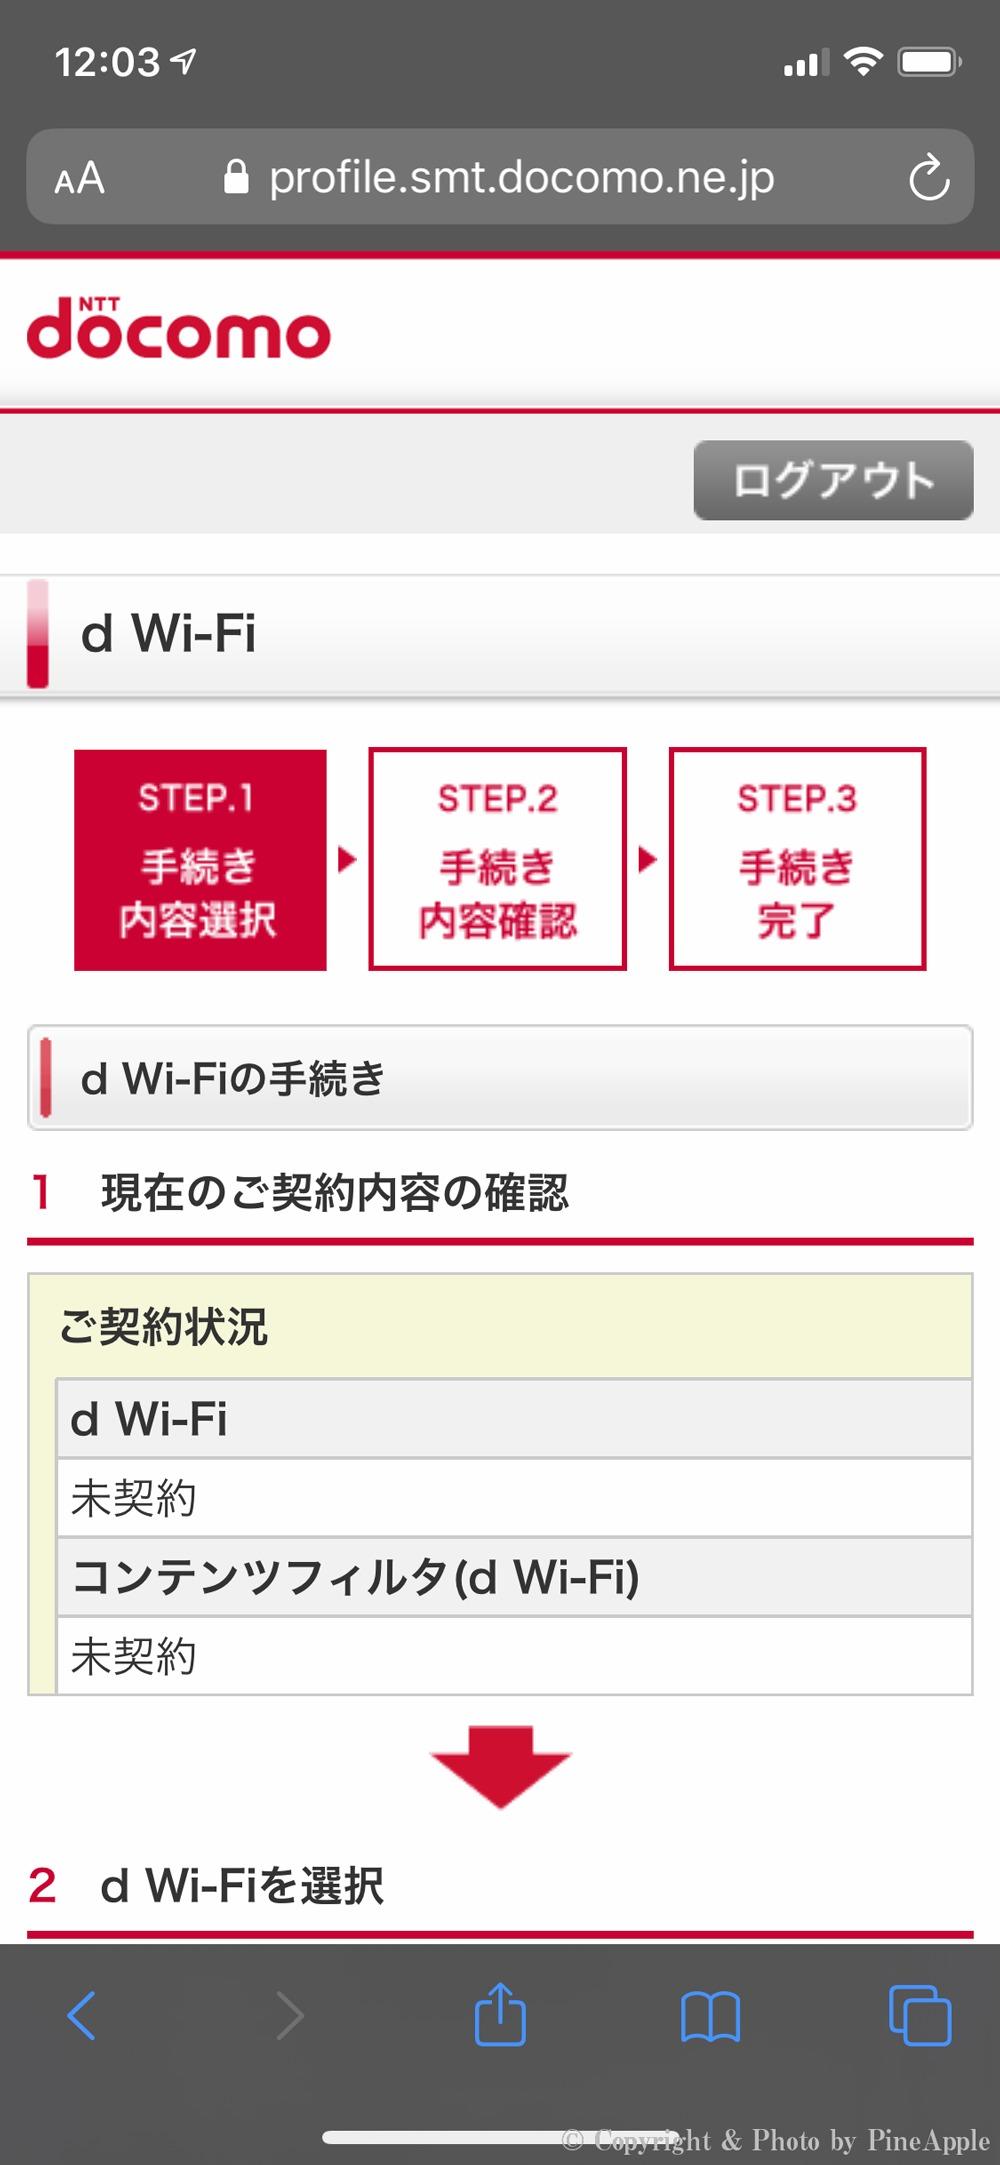 d Wi-Fi:現在のご契約内容の確認